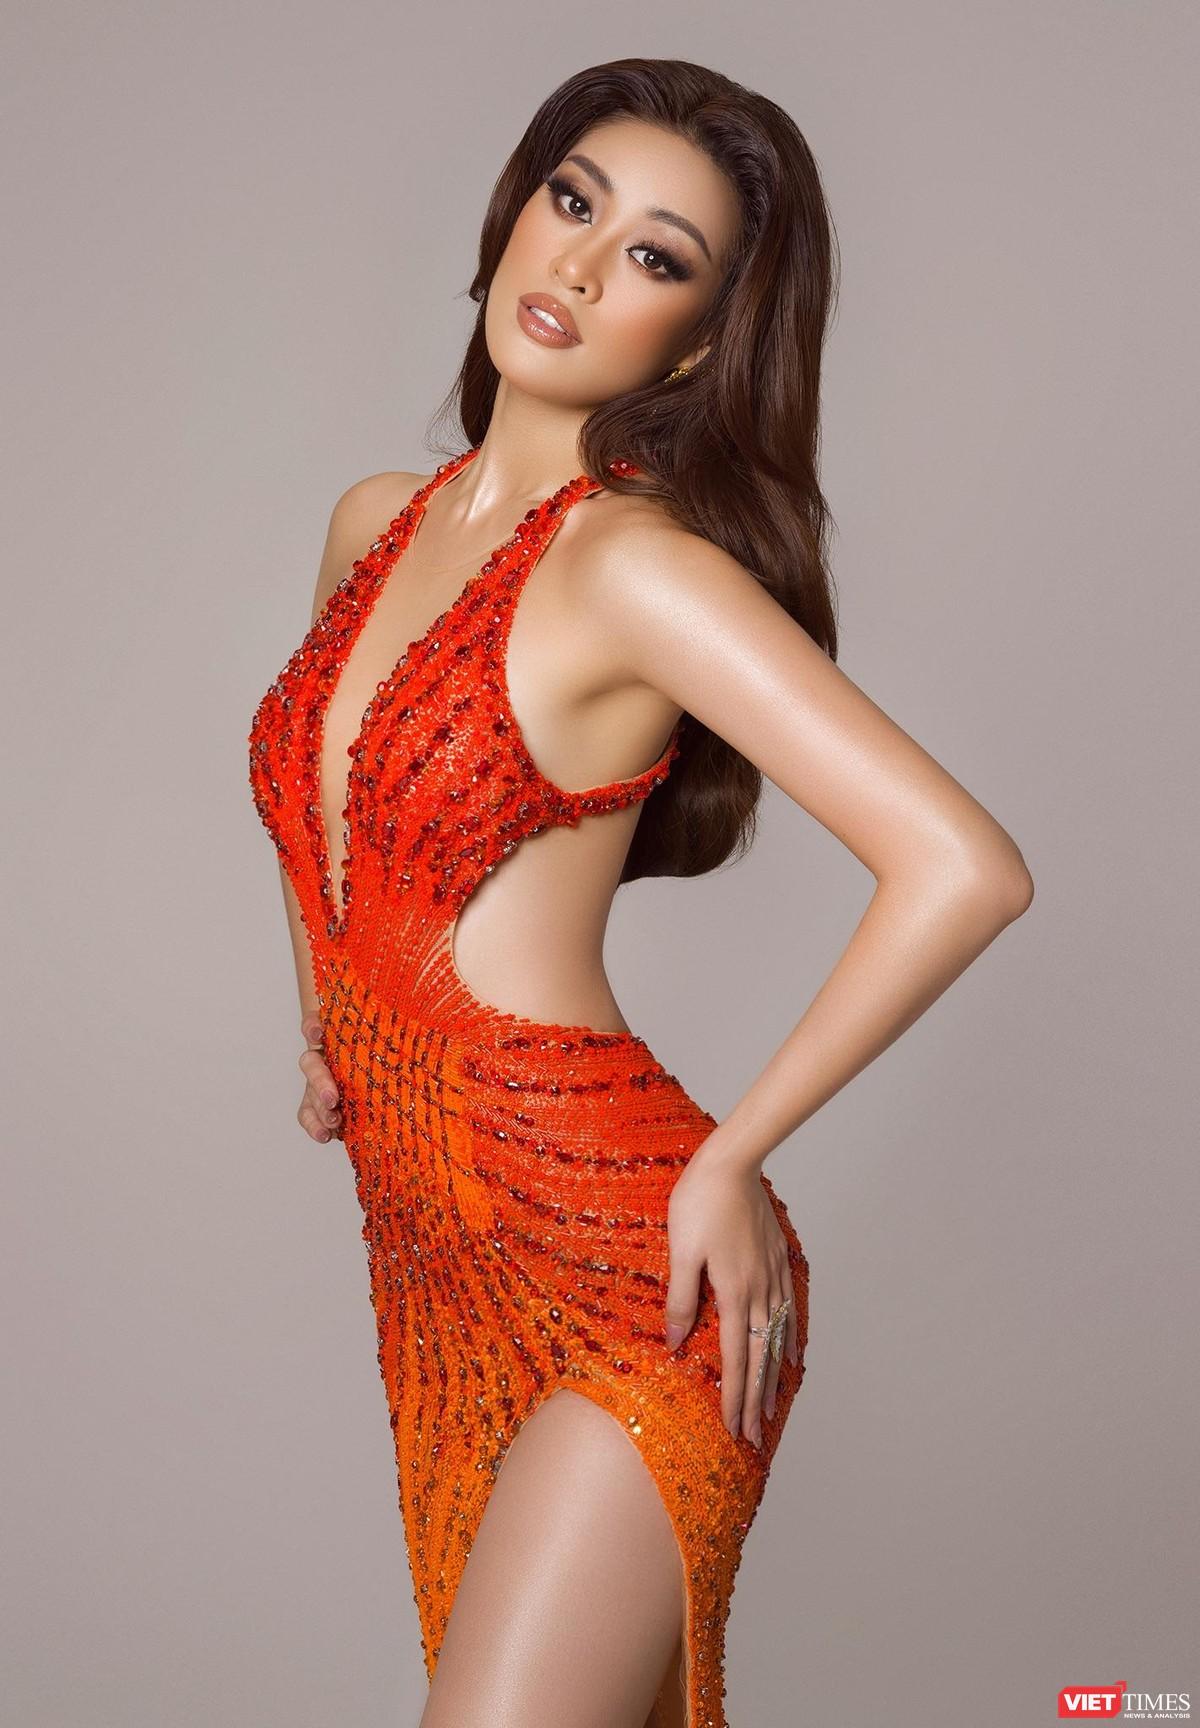 Tân Hoa hậu Hoàn vũ Thế giới 2021 đăng quang giữa đại dịch ảnh 5